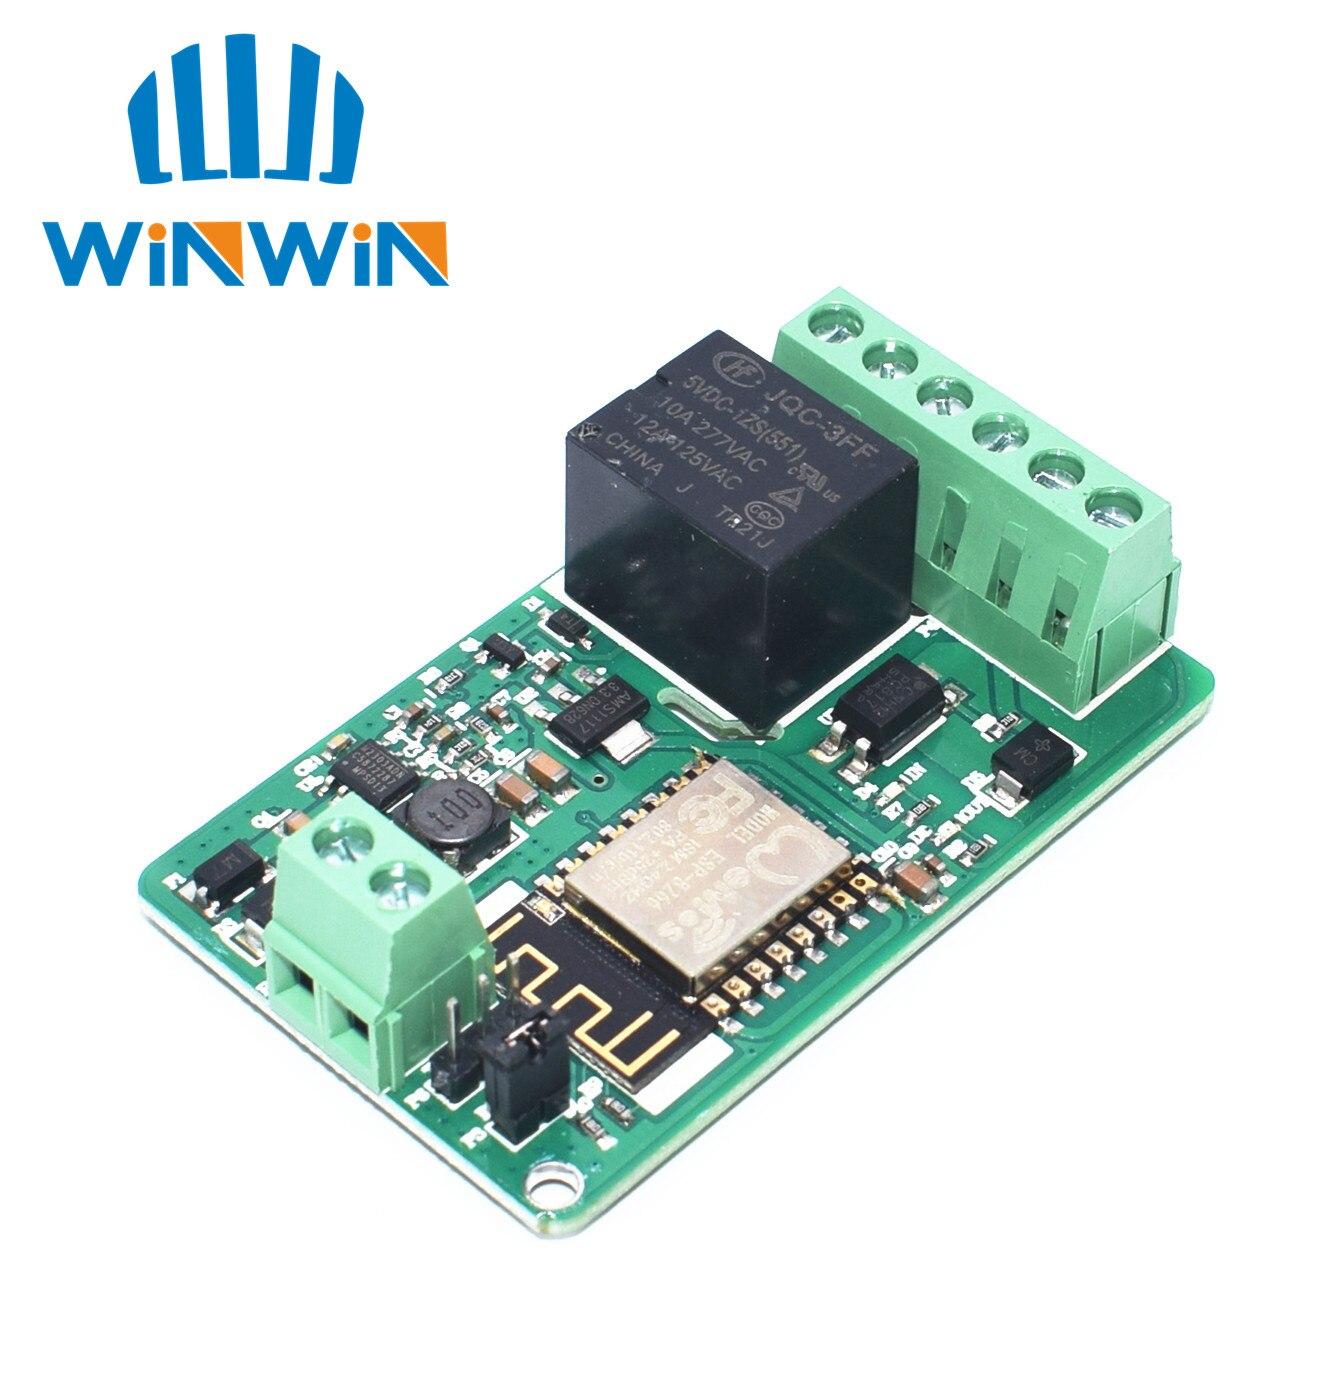 A21 Новое поступление 1 шт. зеленый ESP8266 10A 220 В сетевое реле WIFI модуль вход DC 7 В ~ 30 в модули